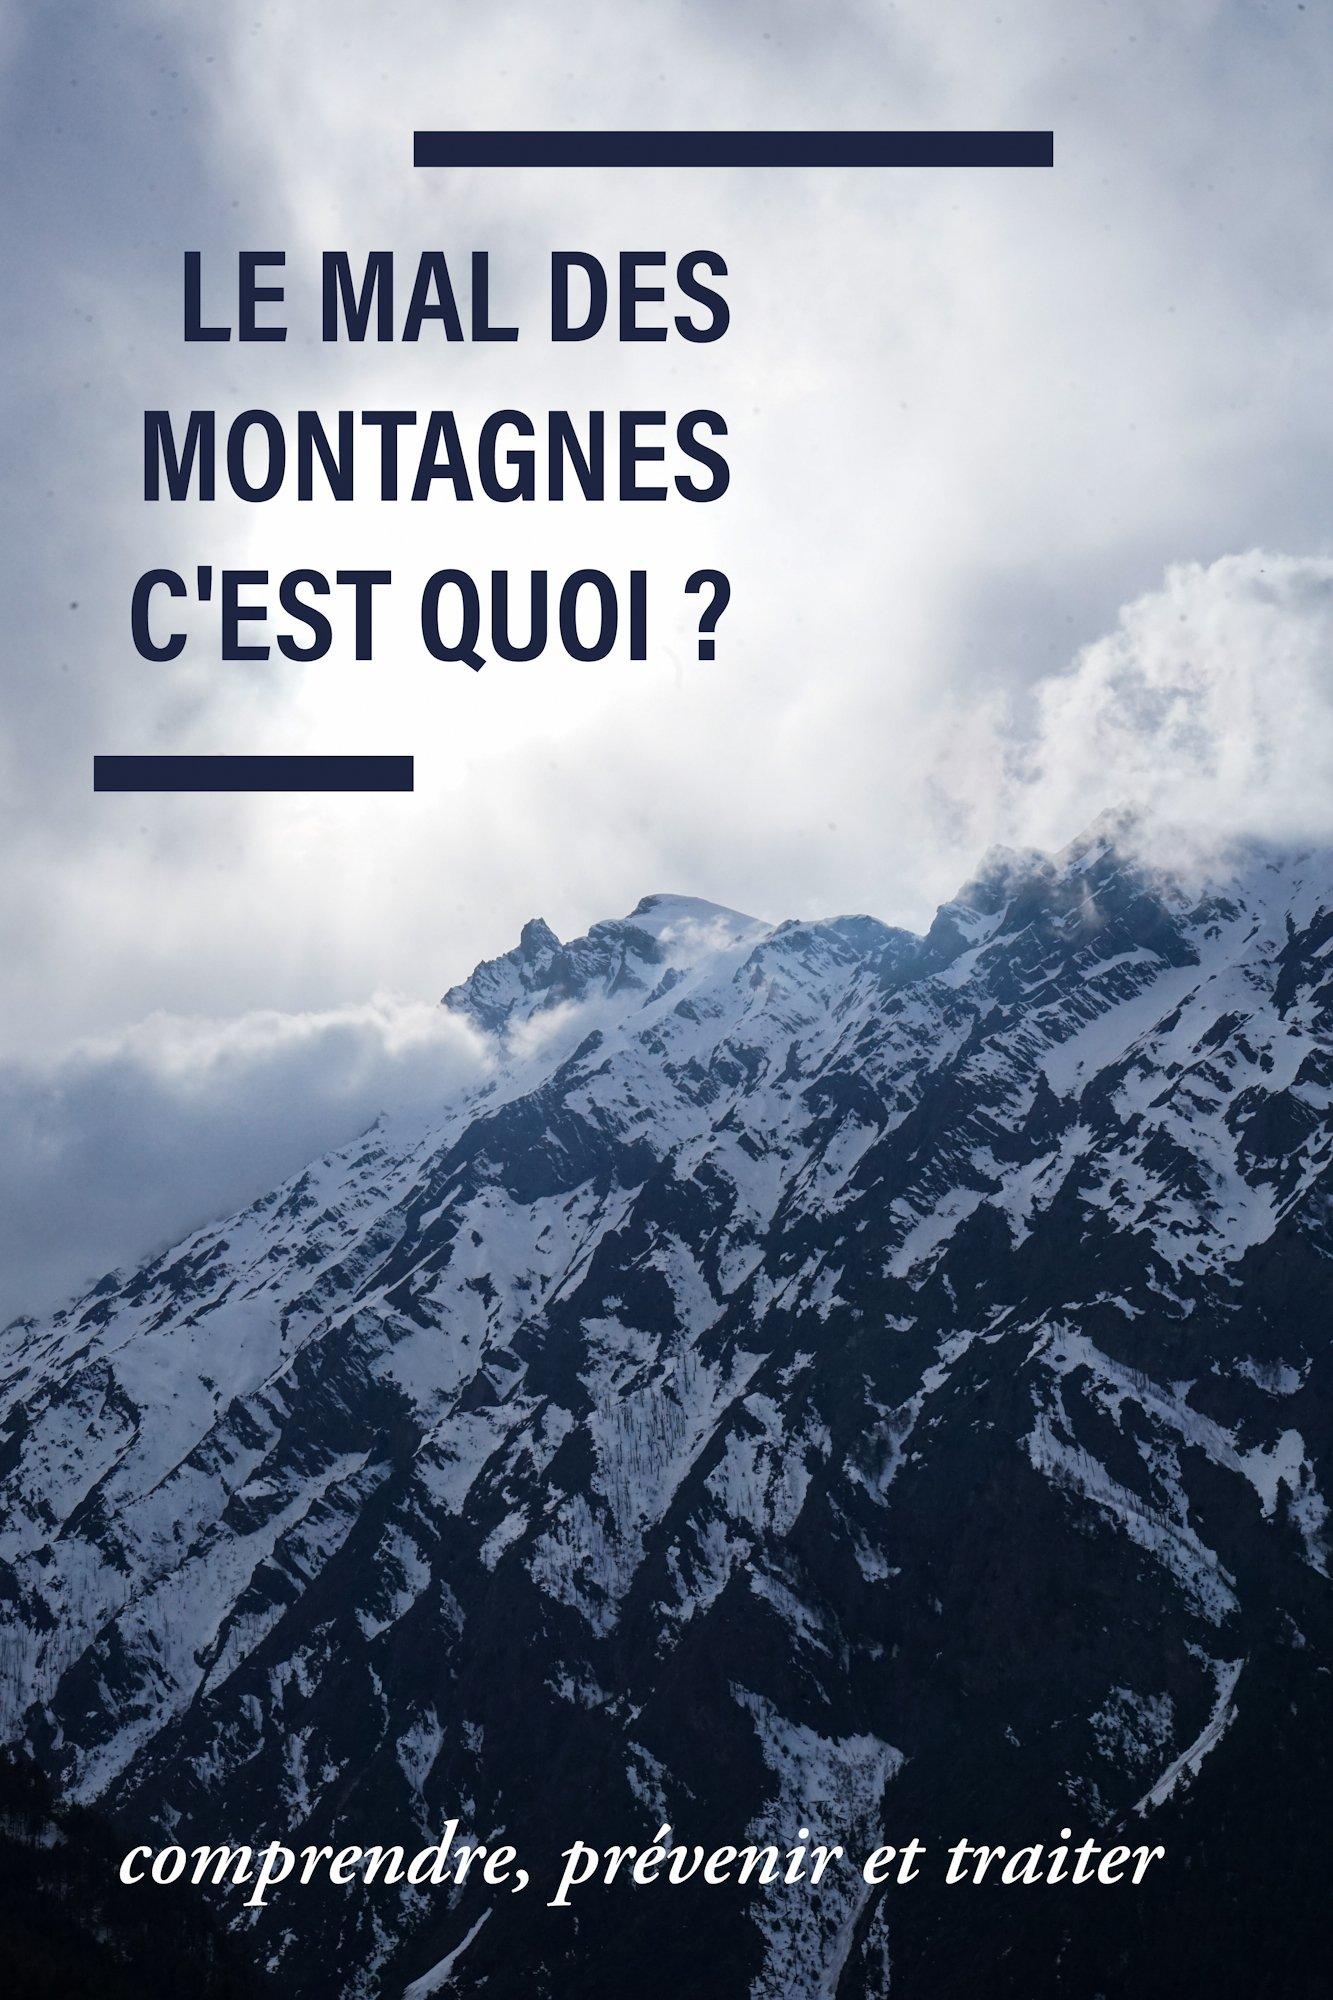 Conseil randonnée : prévenir et traiter le mal des montagnes